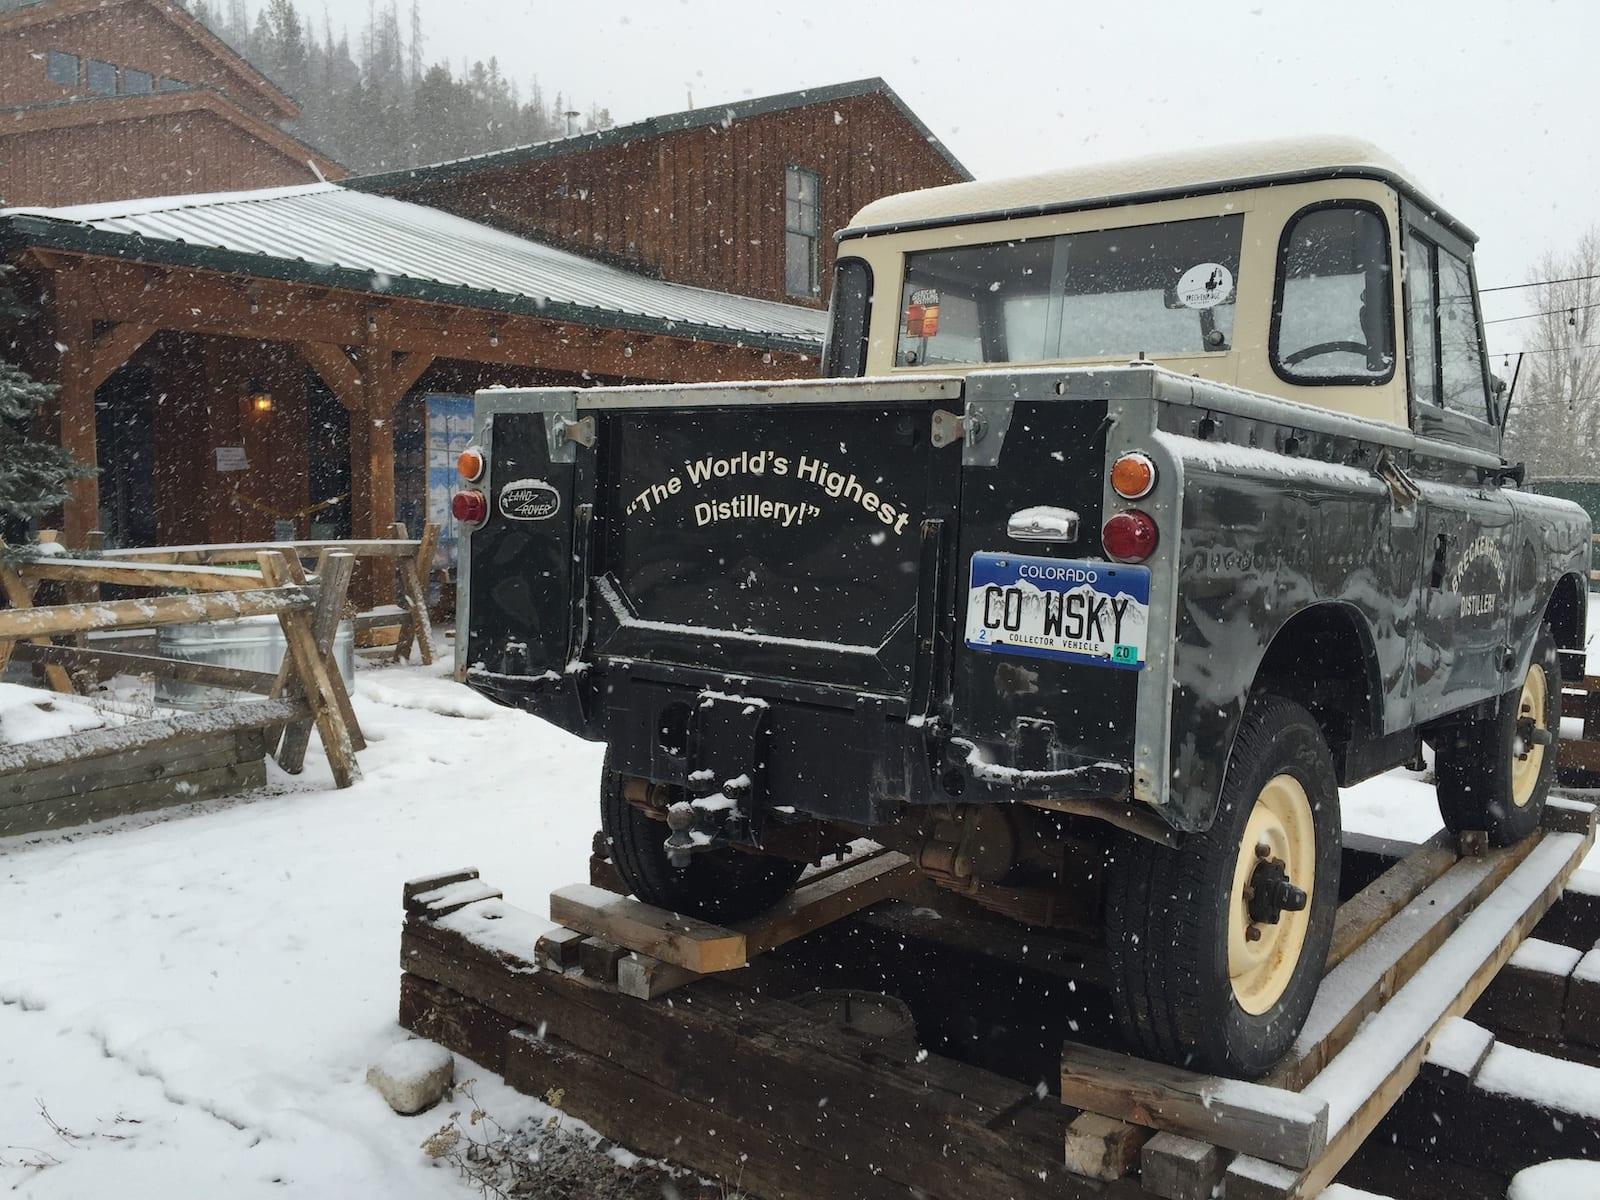 Breckenridge Distillery Tour Truck